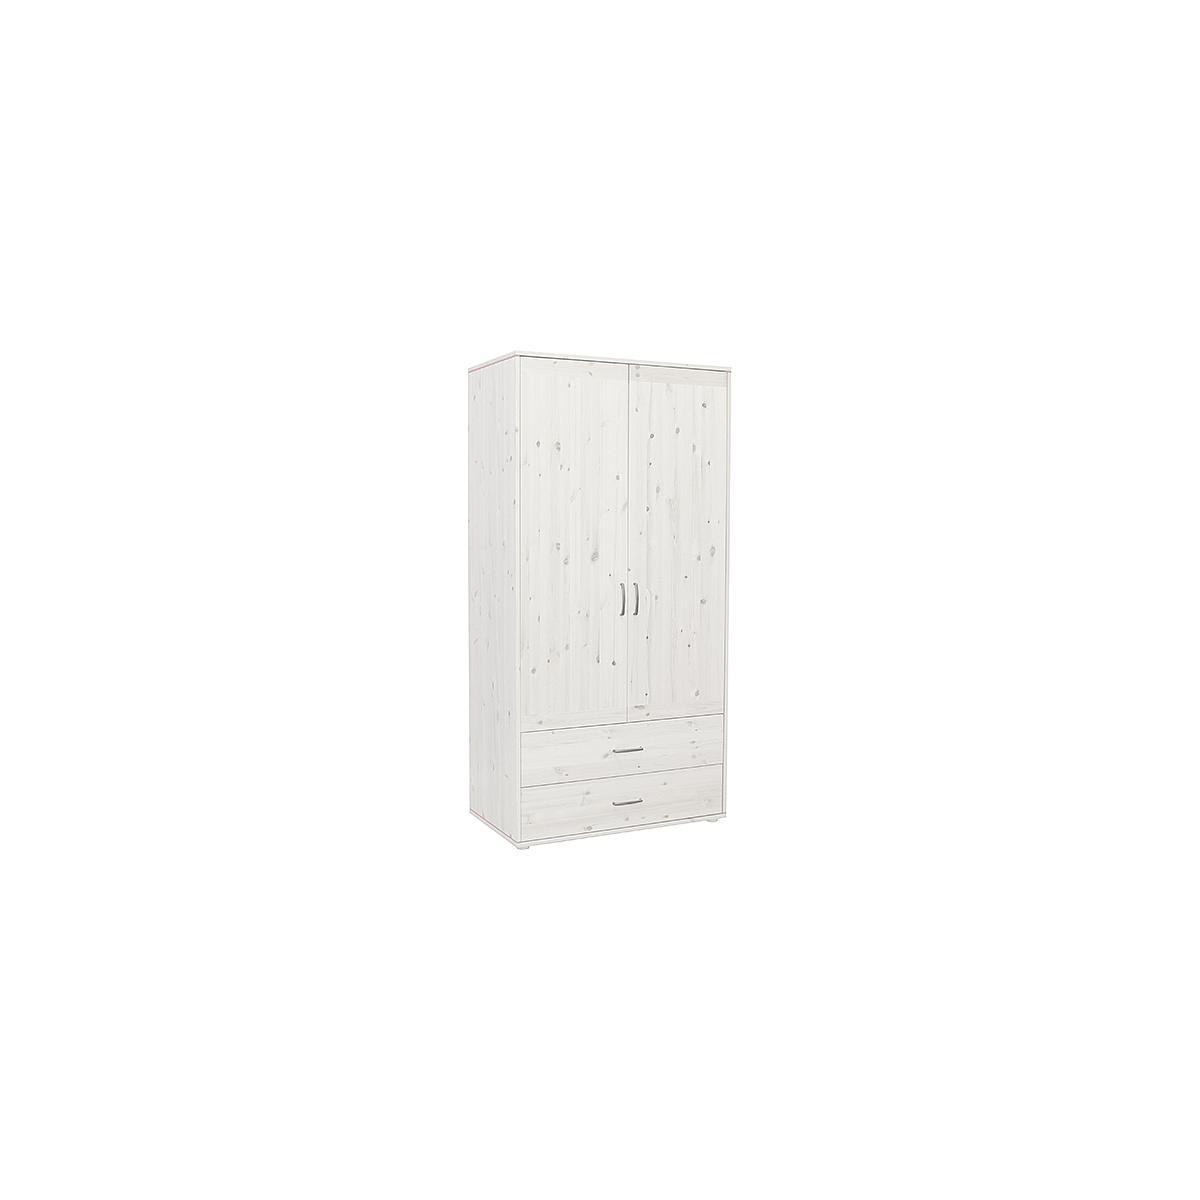 Kleiderschrank 2 Türen-2 Schubladen CLASSIC Flexa white wash-white wash-weiß